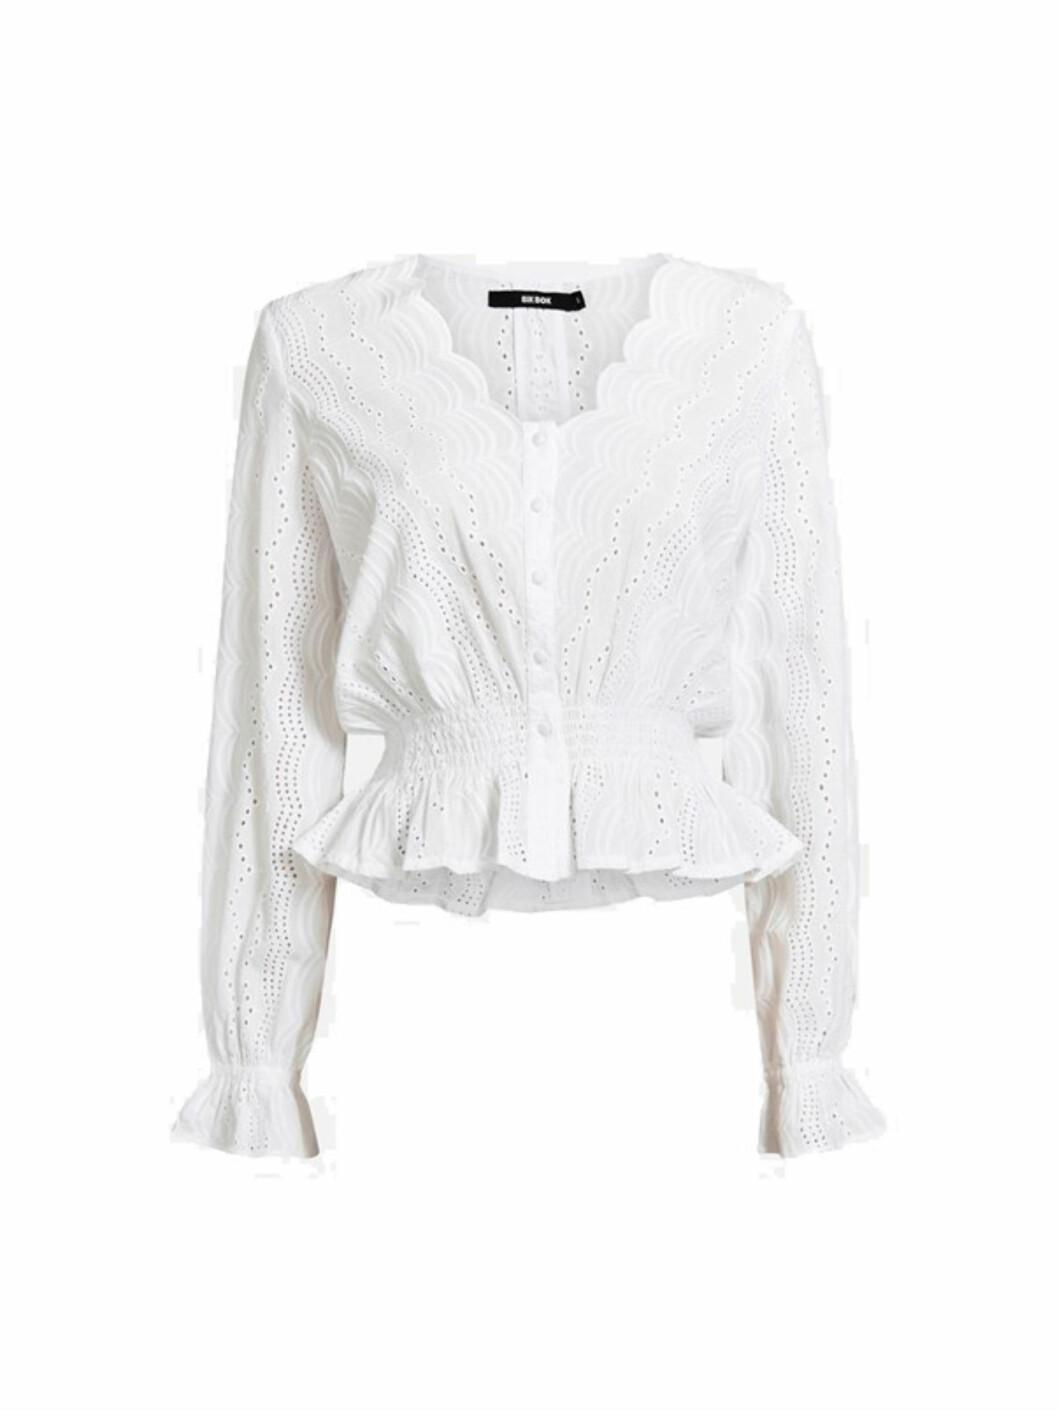 <strong>Topp fra Bik Bok |299,-| https:</strong>//bikbok.com/no/p/overdeler/bluser/isabella-blouse/7216437_F900